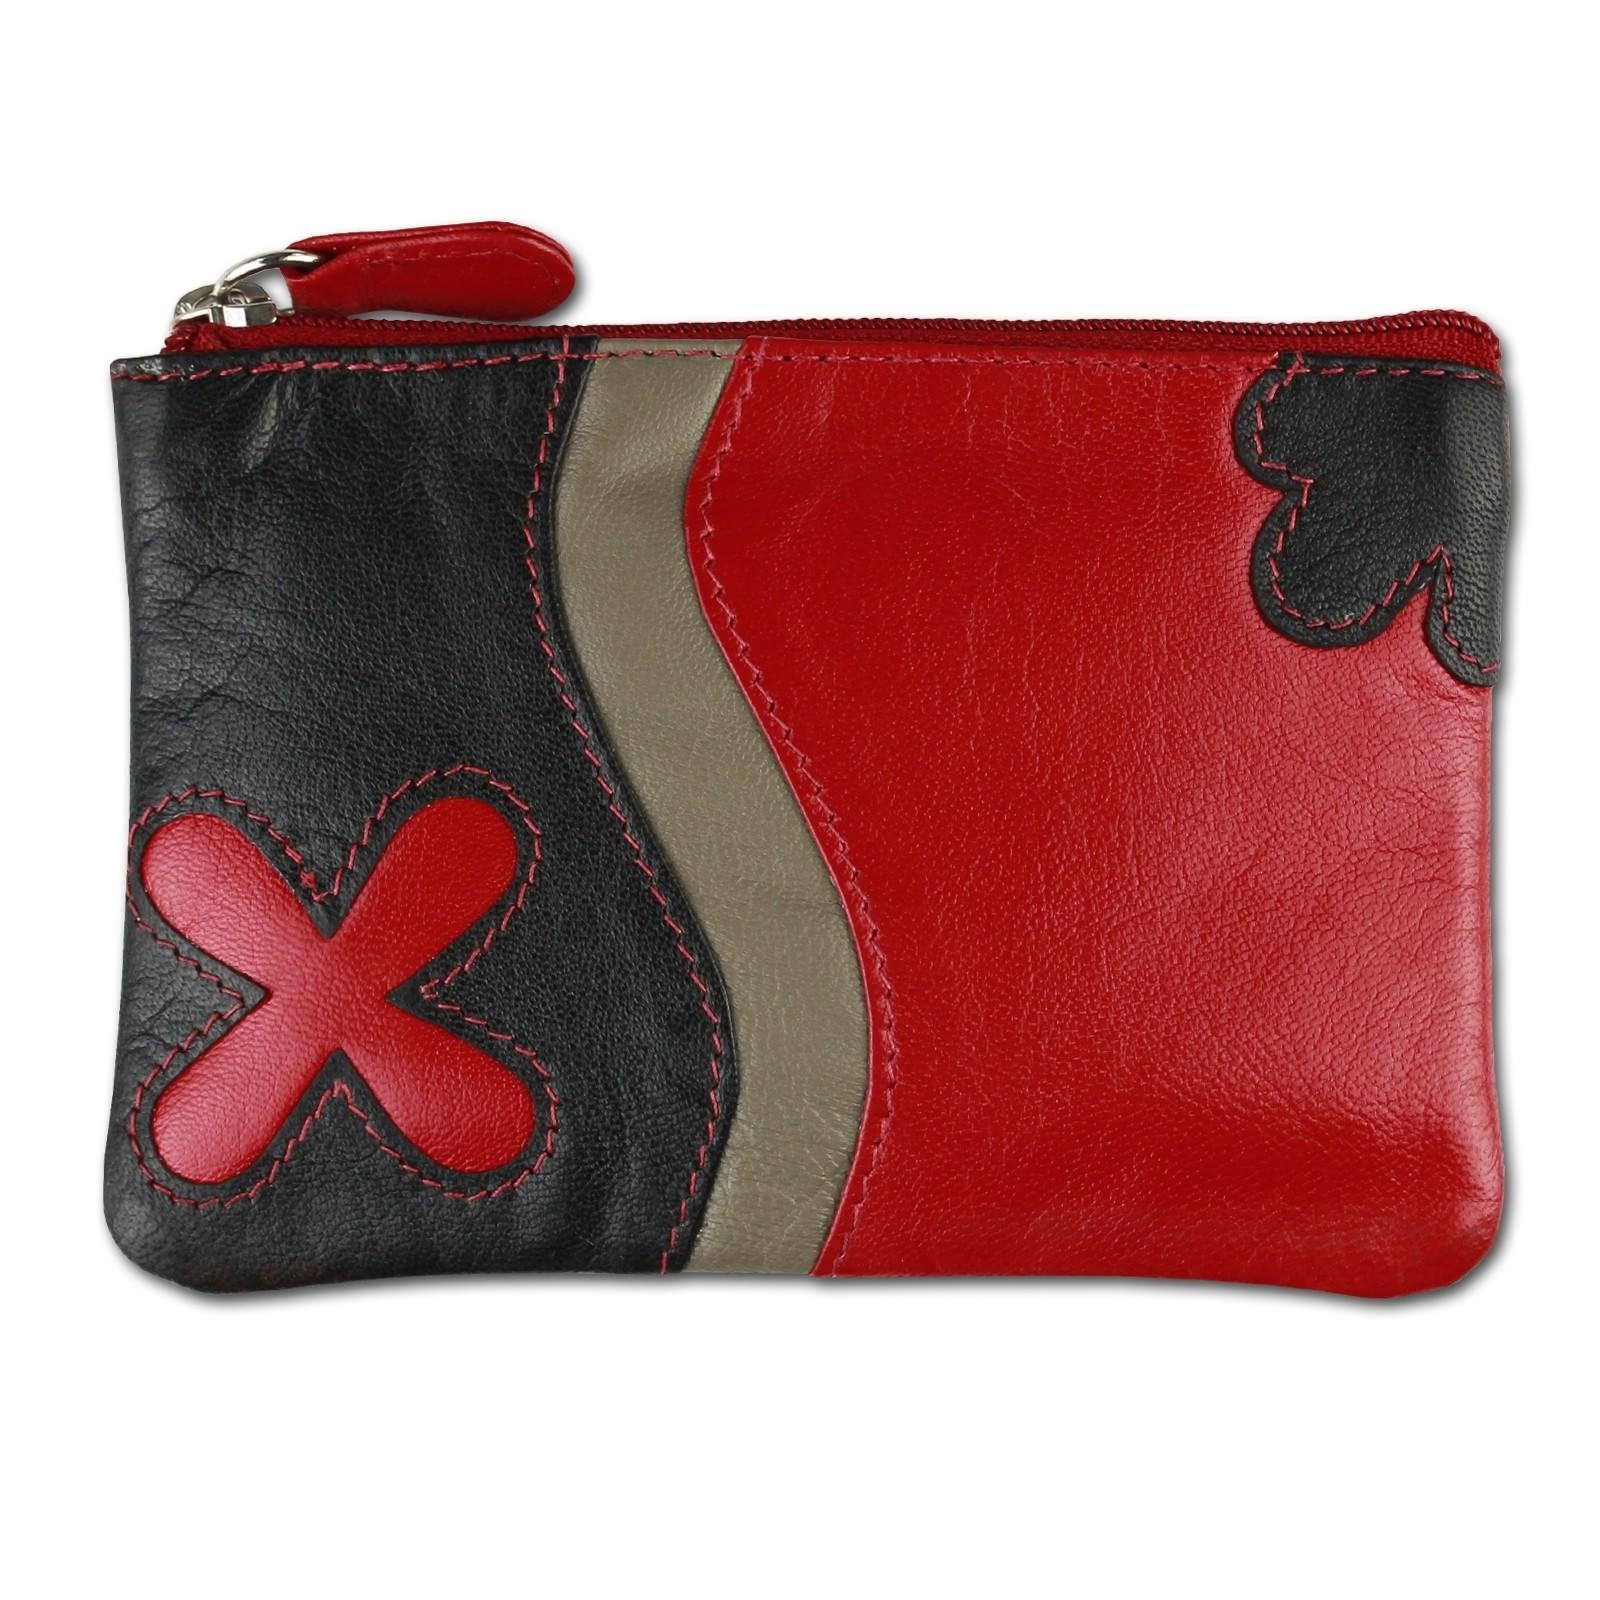 Schlüsseltasche Leder rot Schlüsseletui Geldbörse DrachenLeder OPS901R